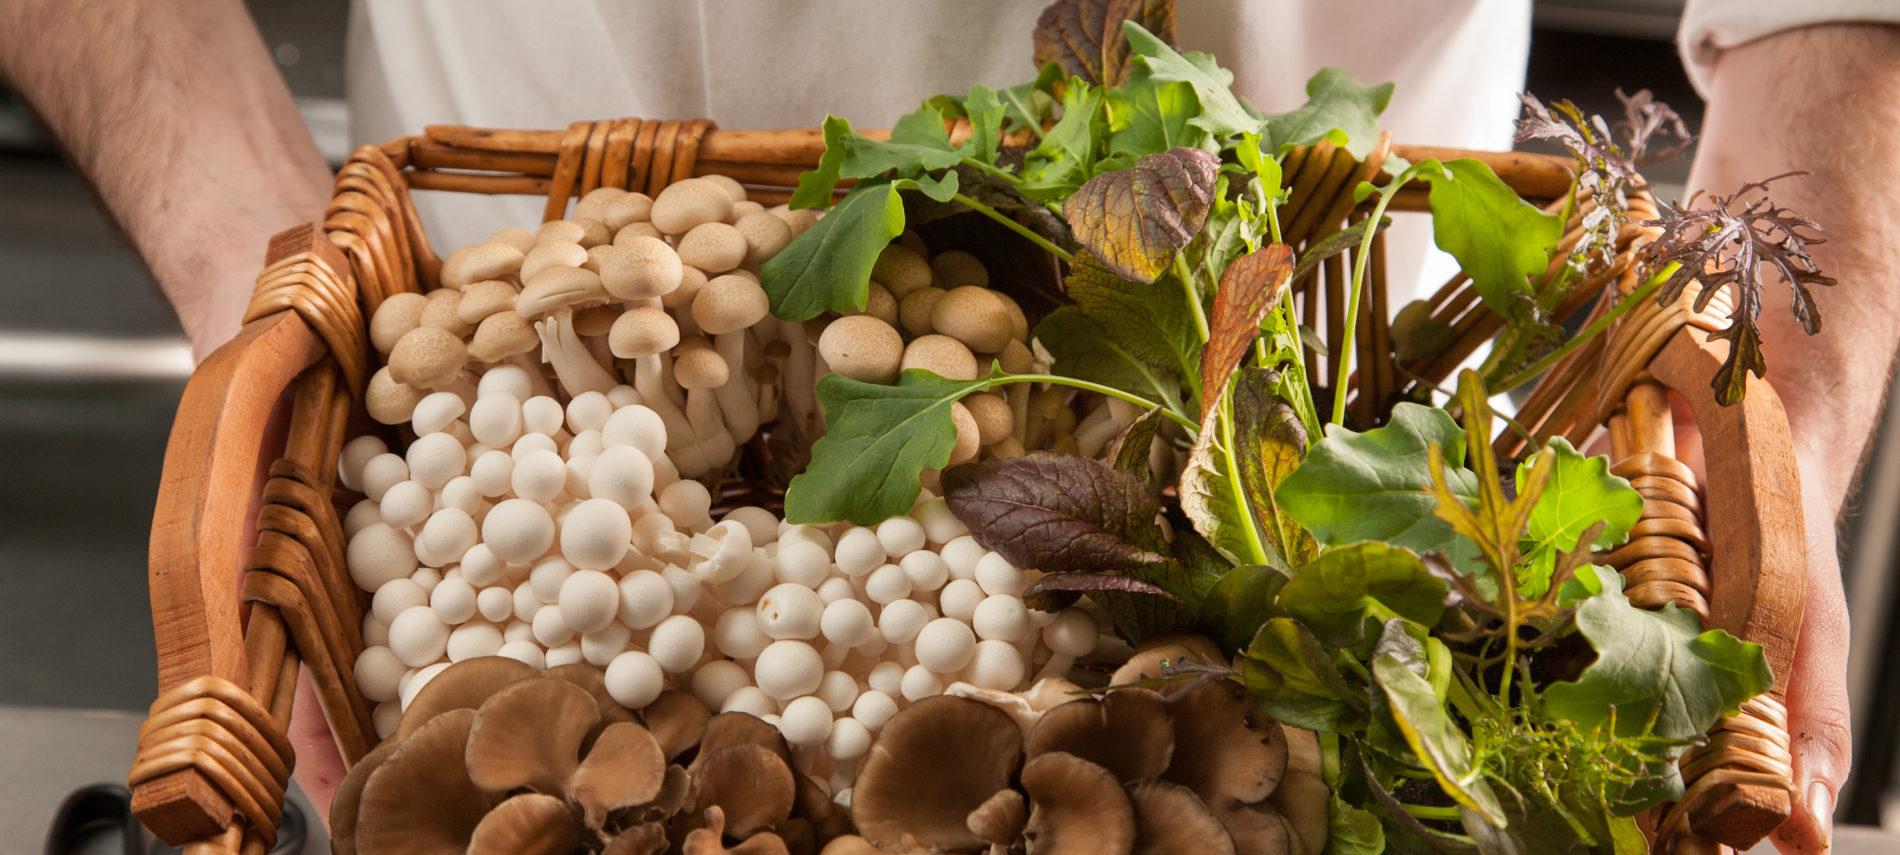 Mushrooms in basket - food